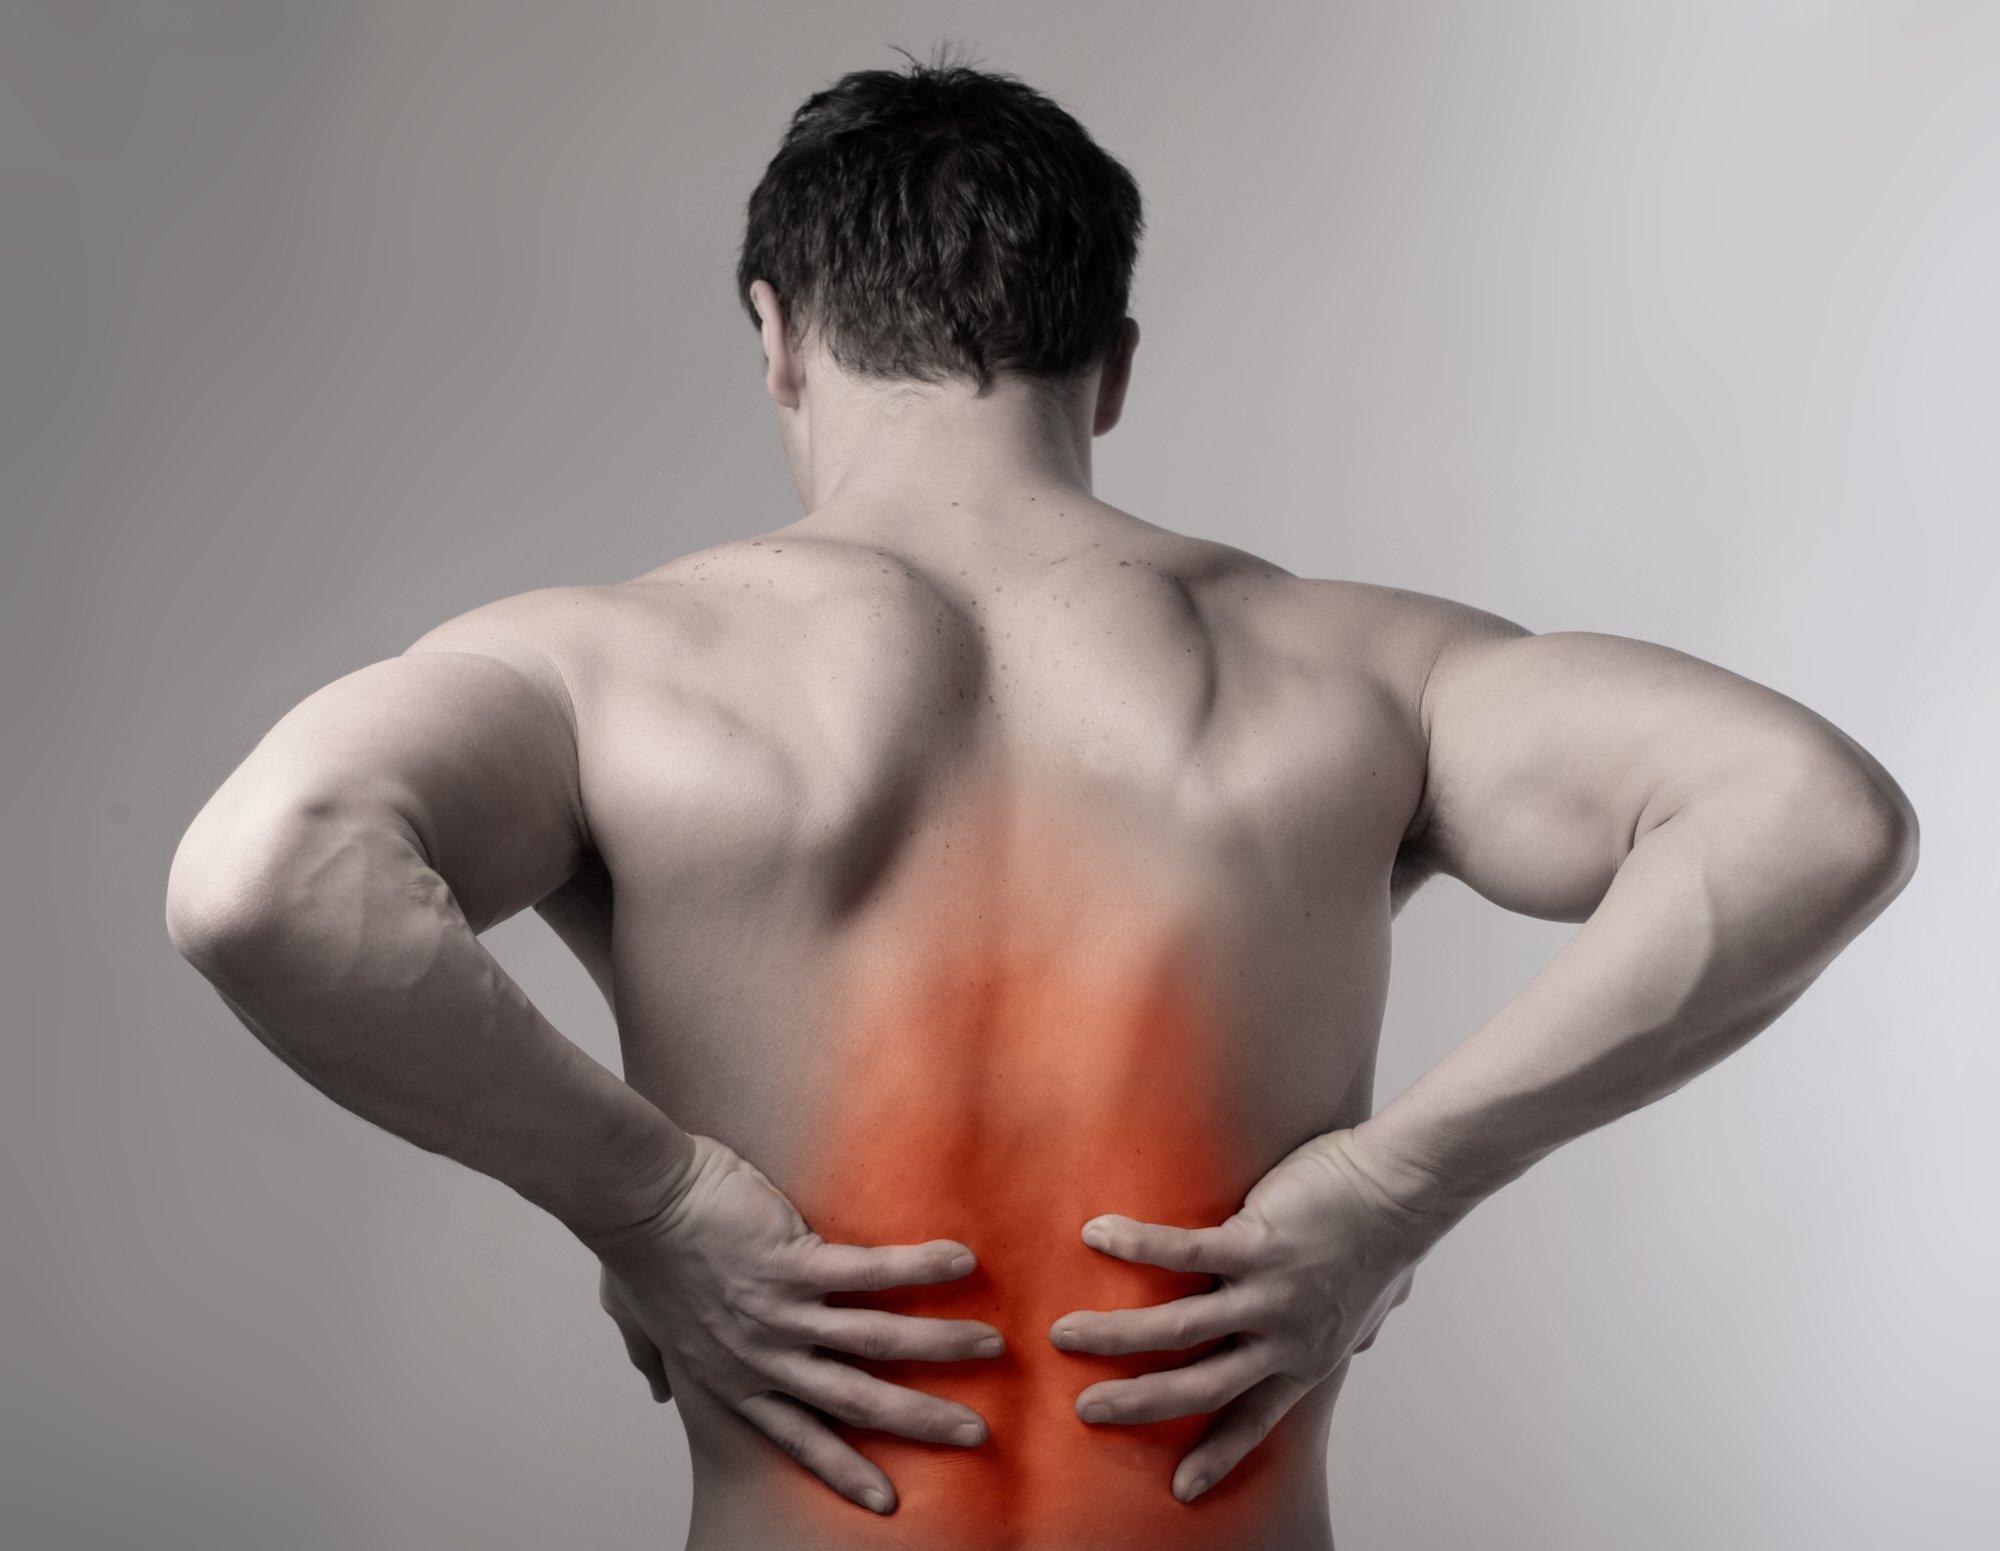 Легкие у человека фото со спины